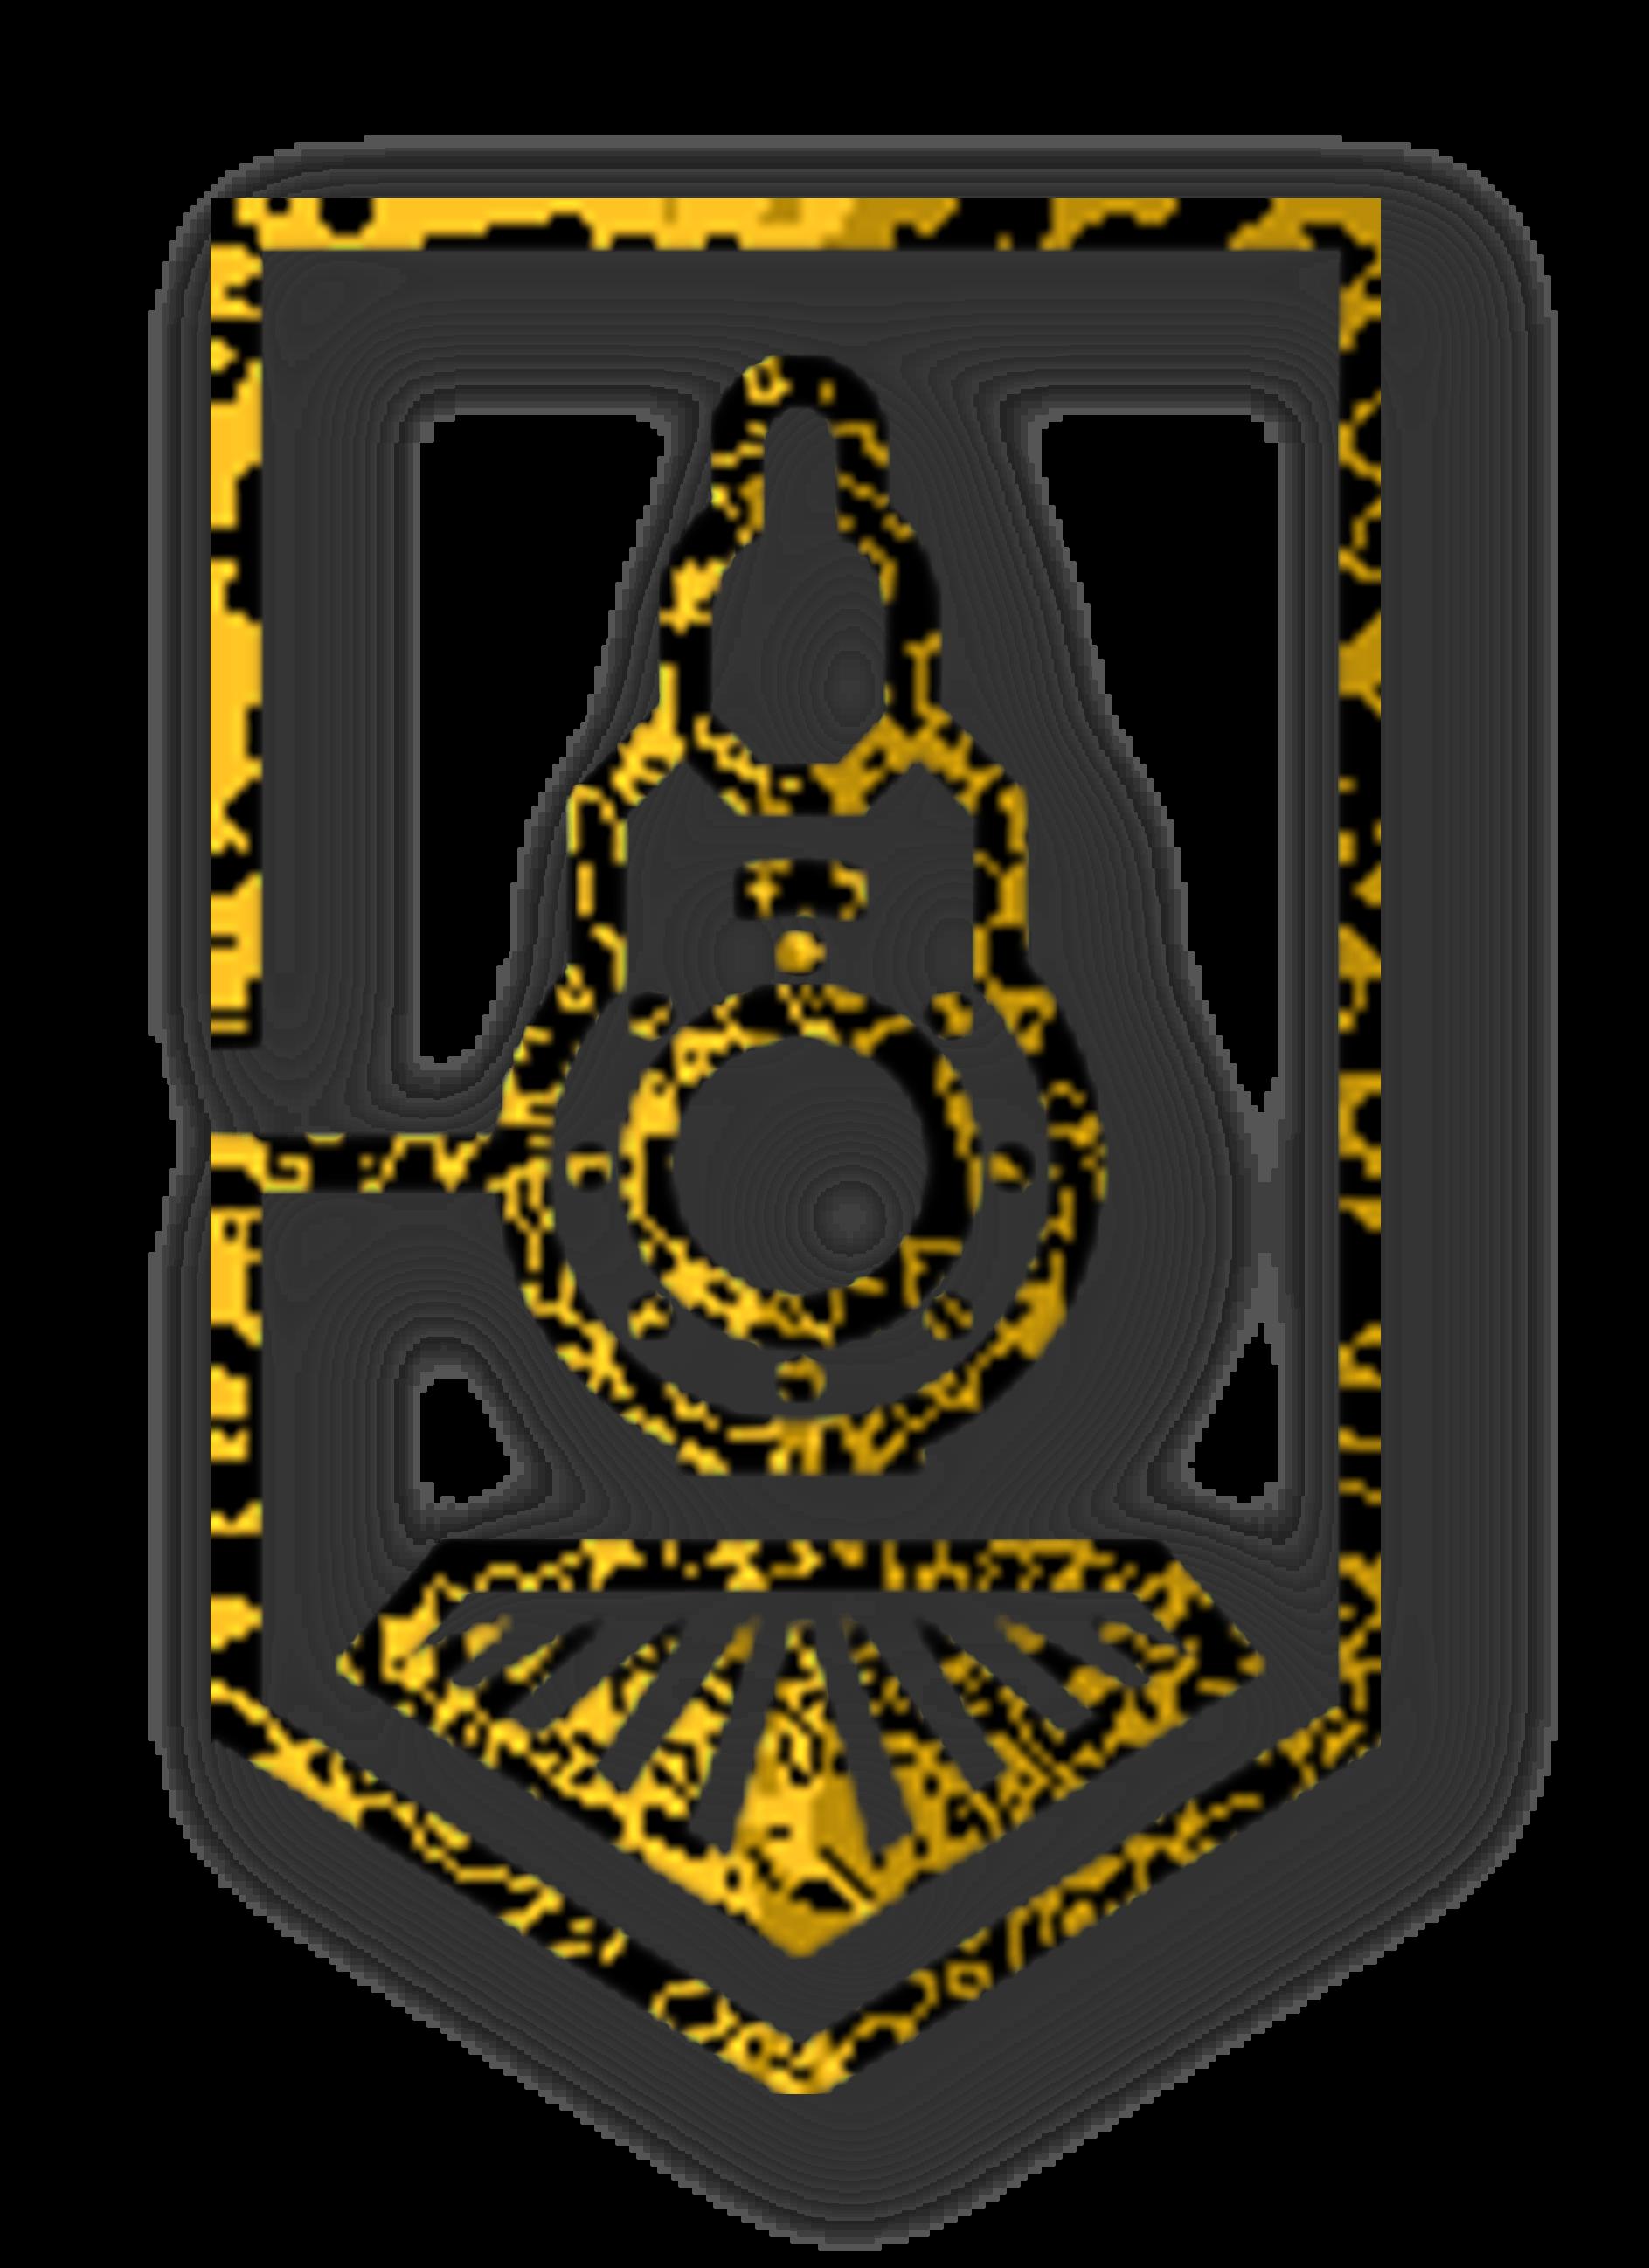 zltp_logo2